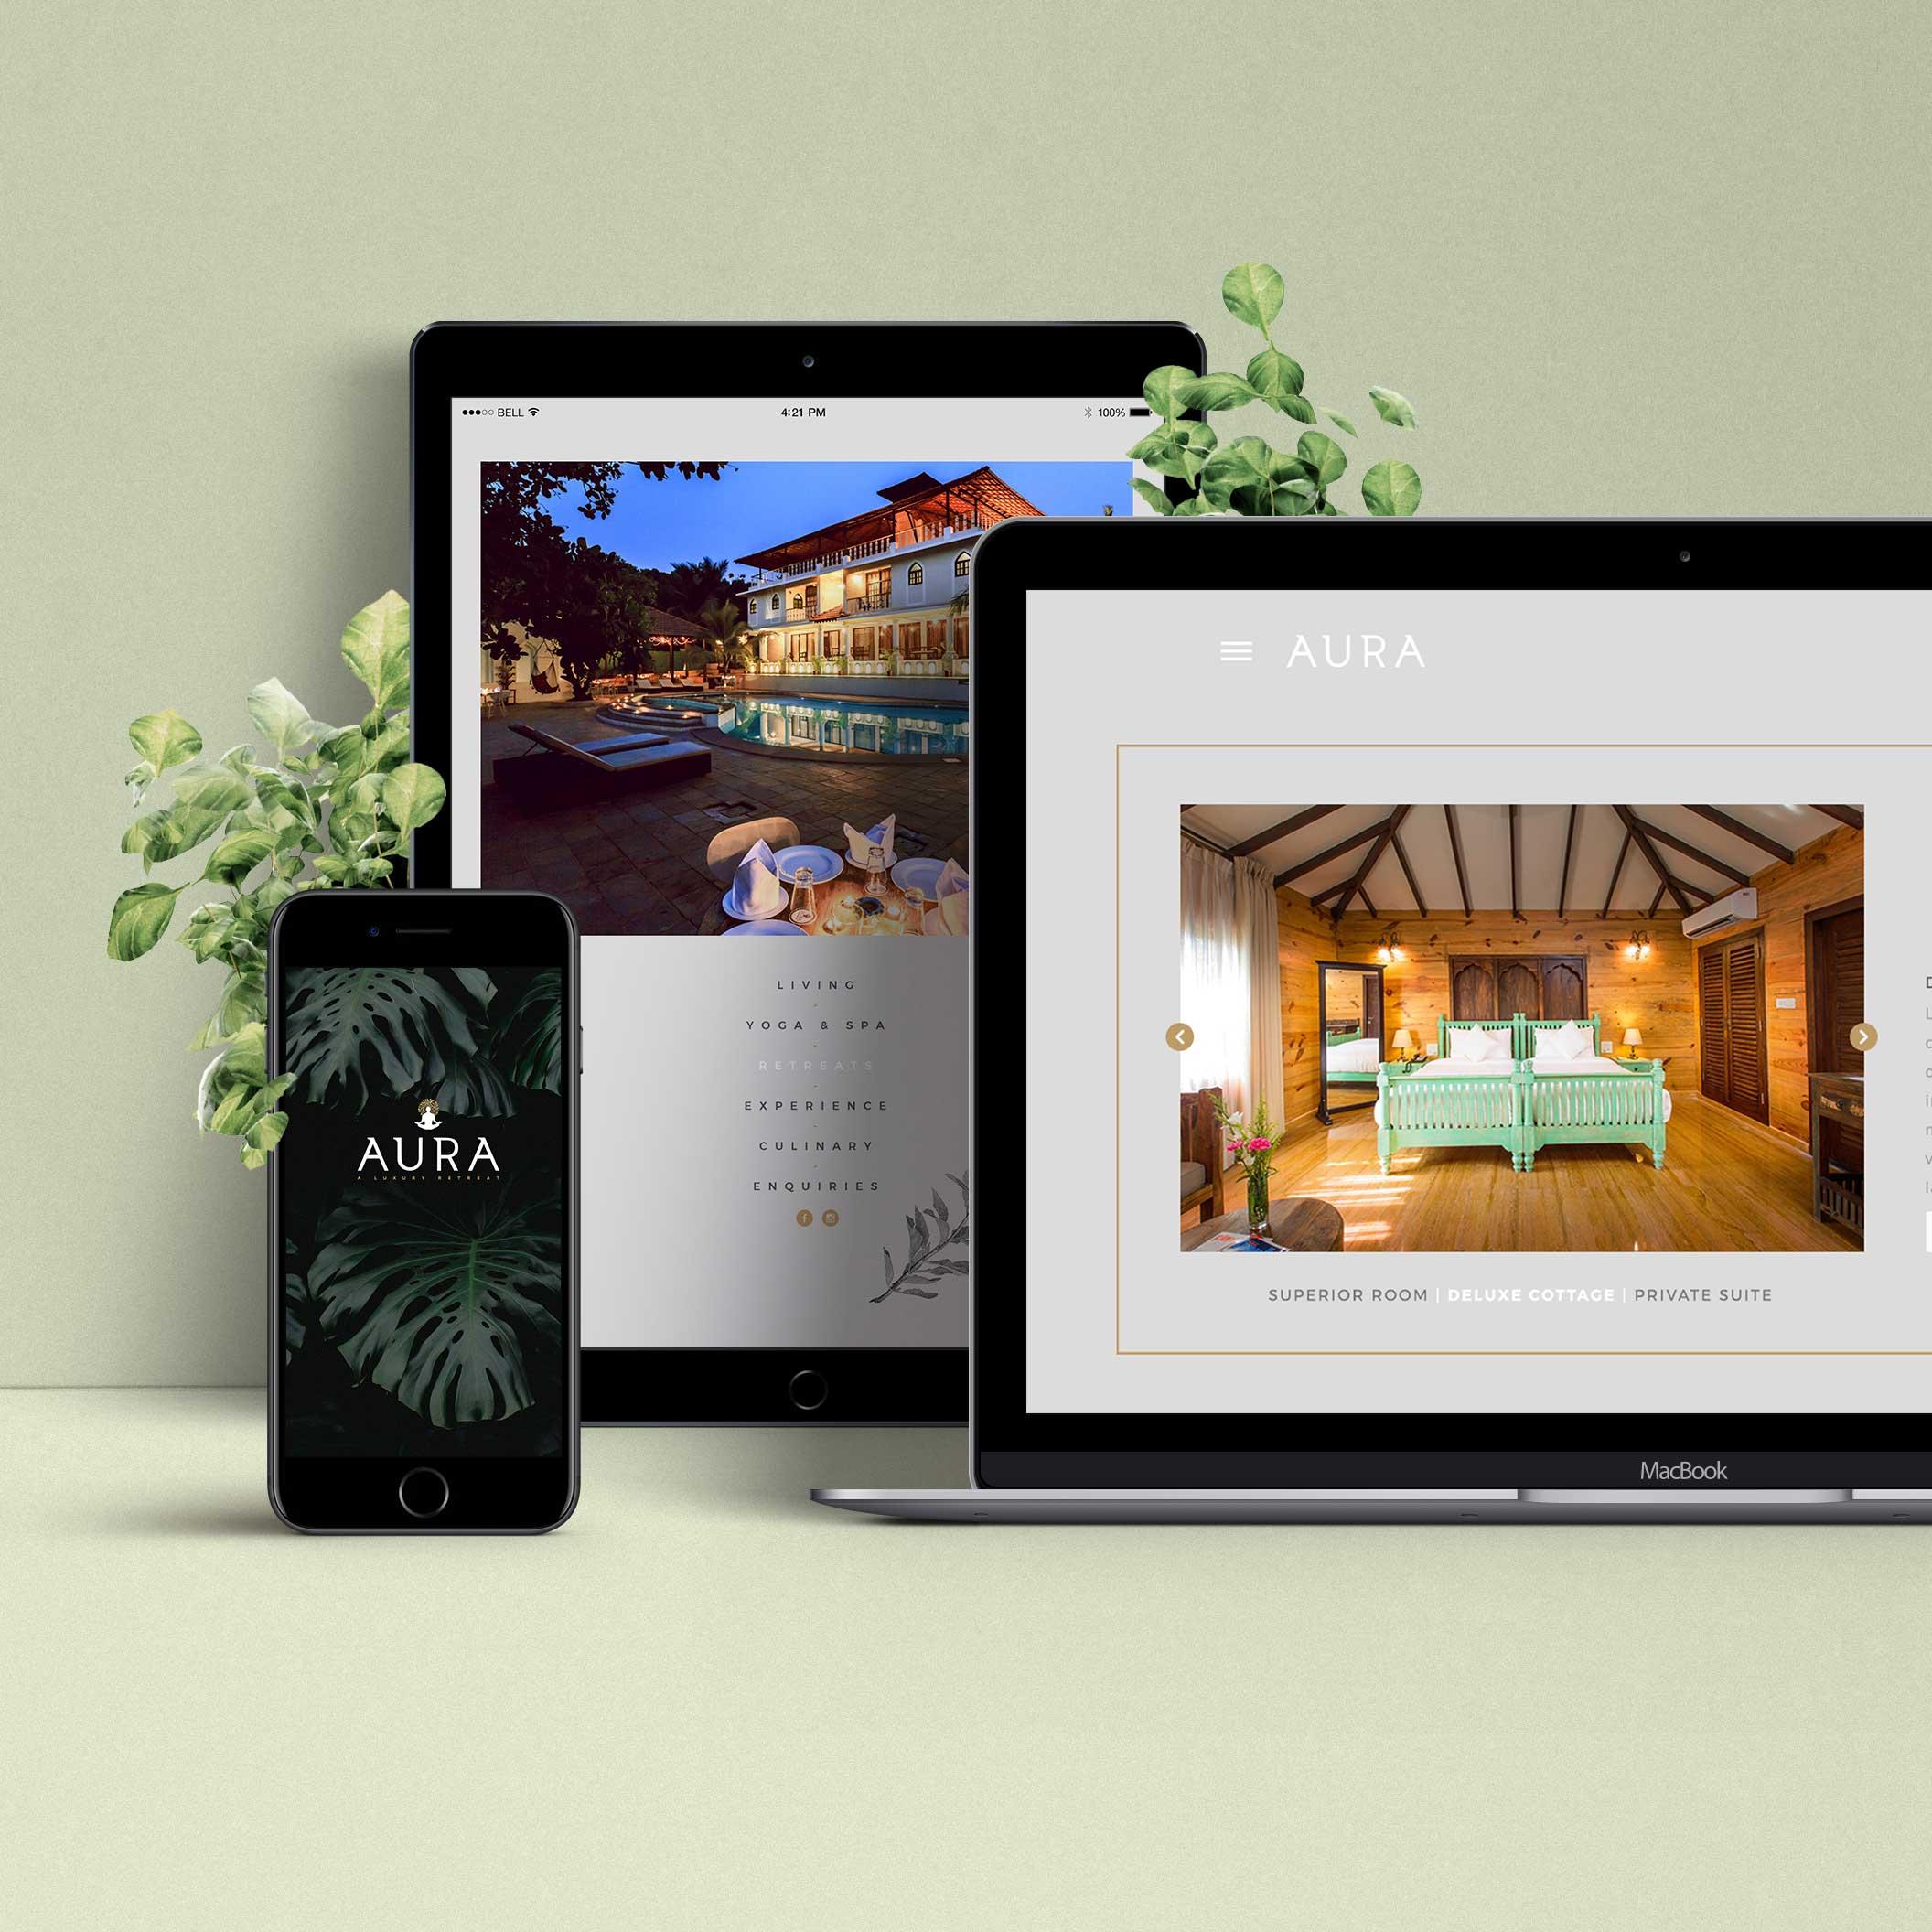 Aura---Web.jpg